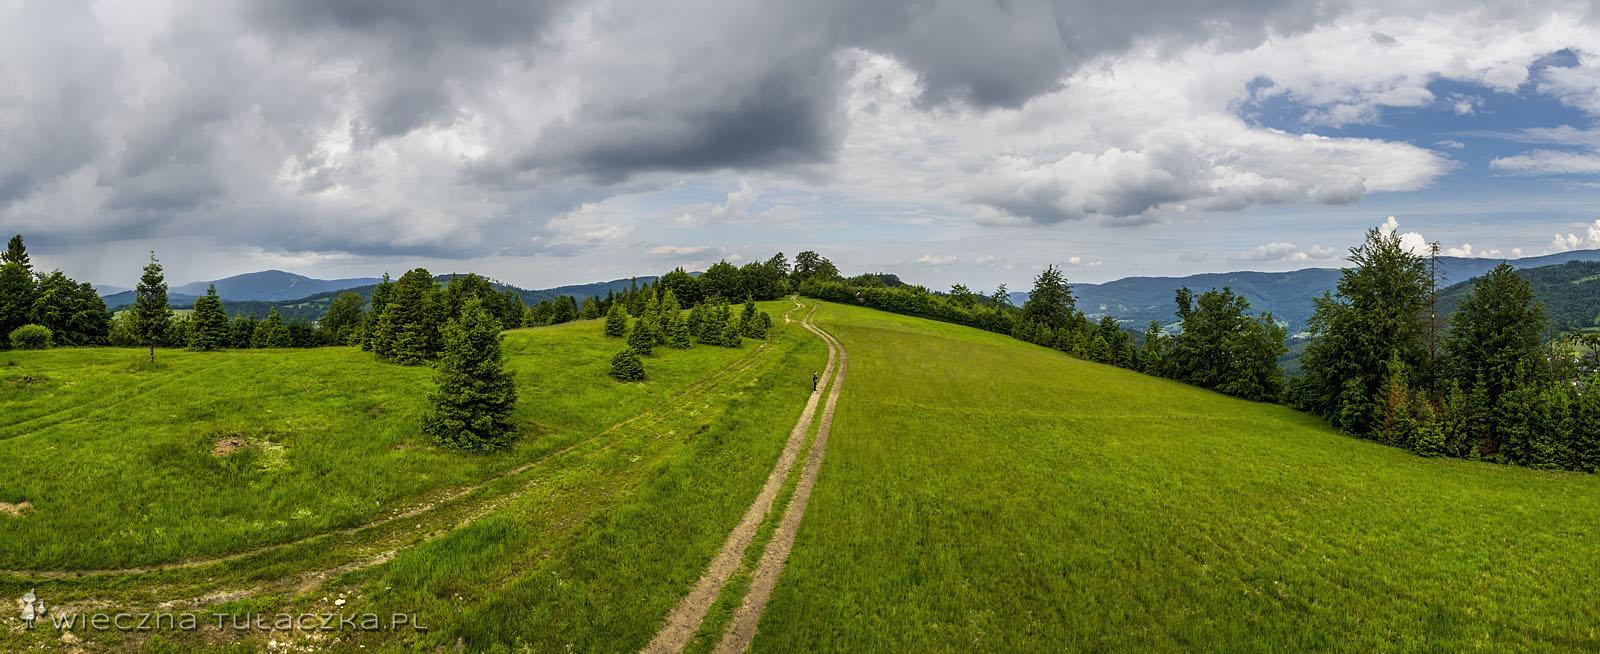 Stary Groń, Beskid Śląski